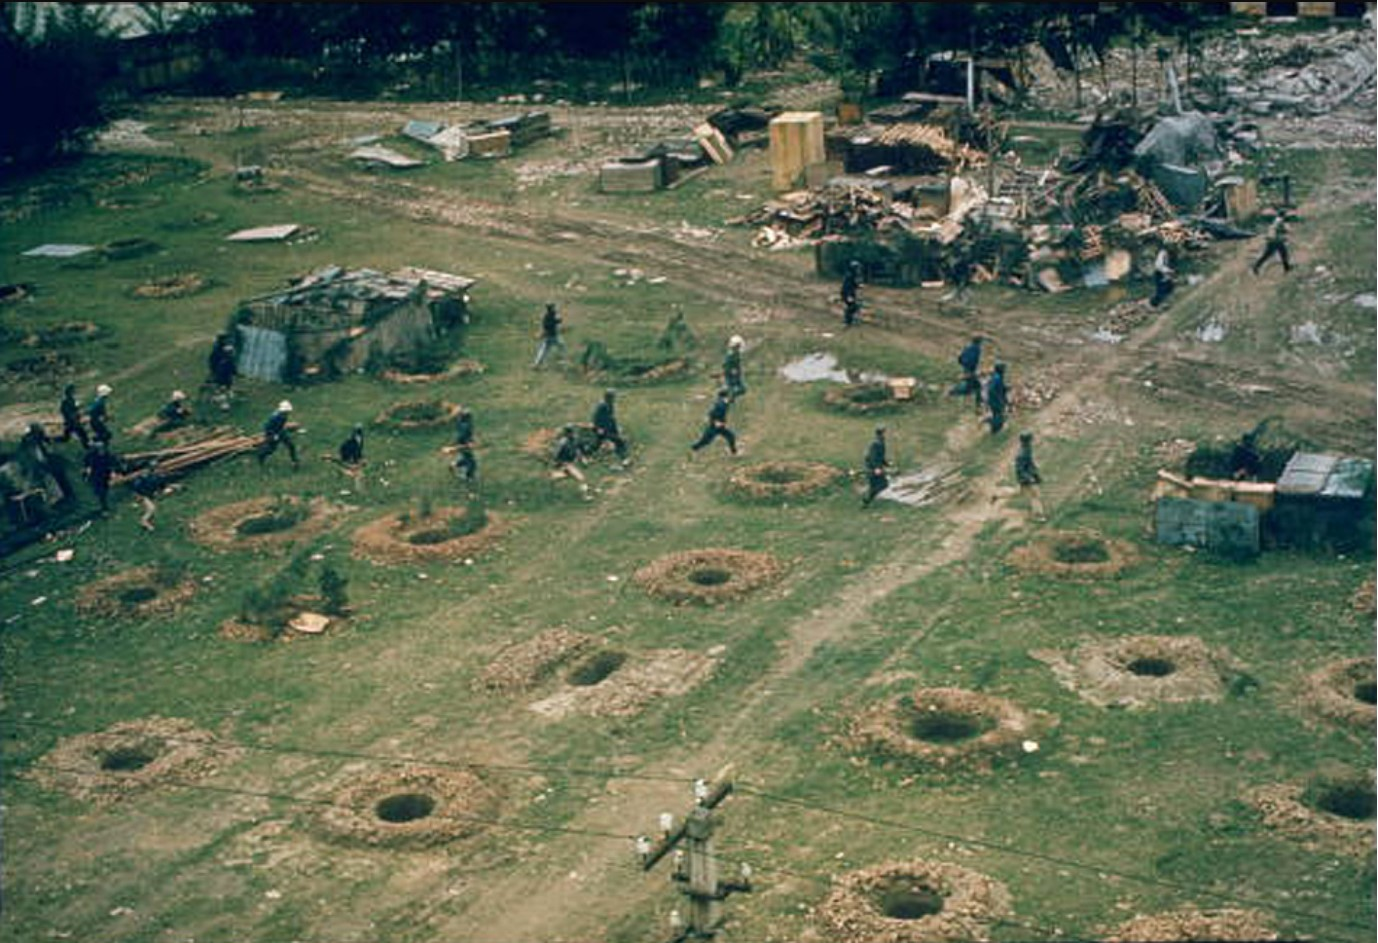 Вооруженные и одетые в форму ополченцы выходят из наземных убежищ на оборонительные позиции